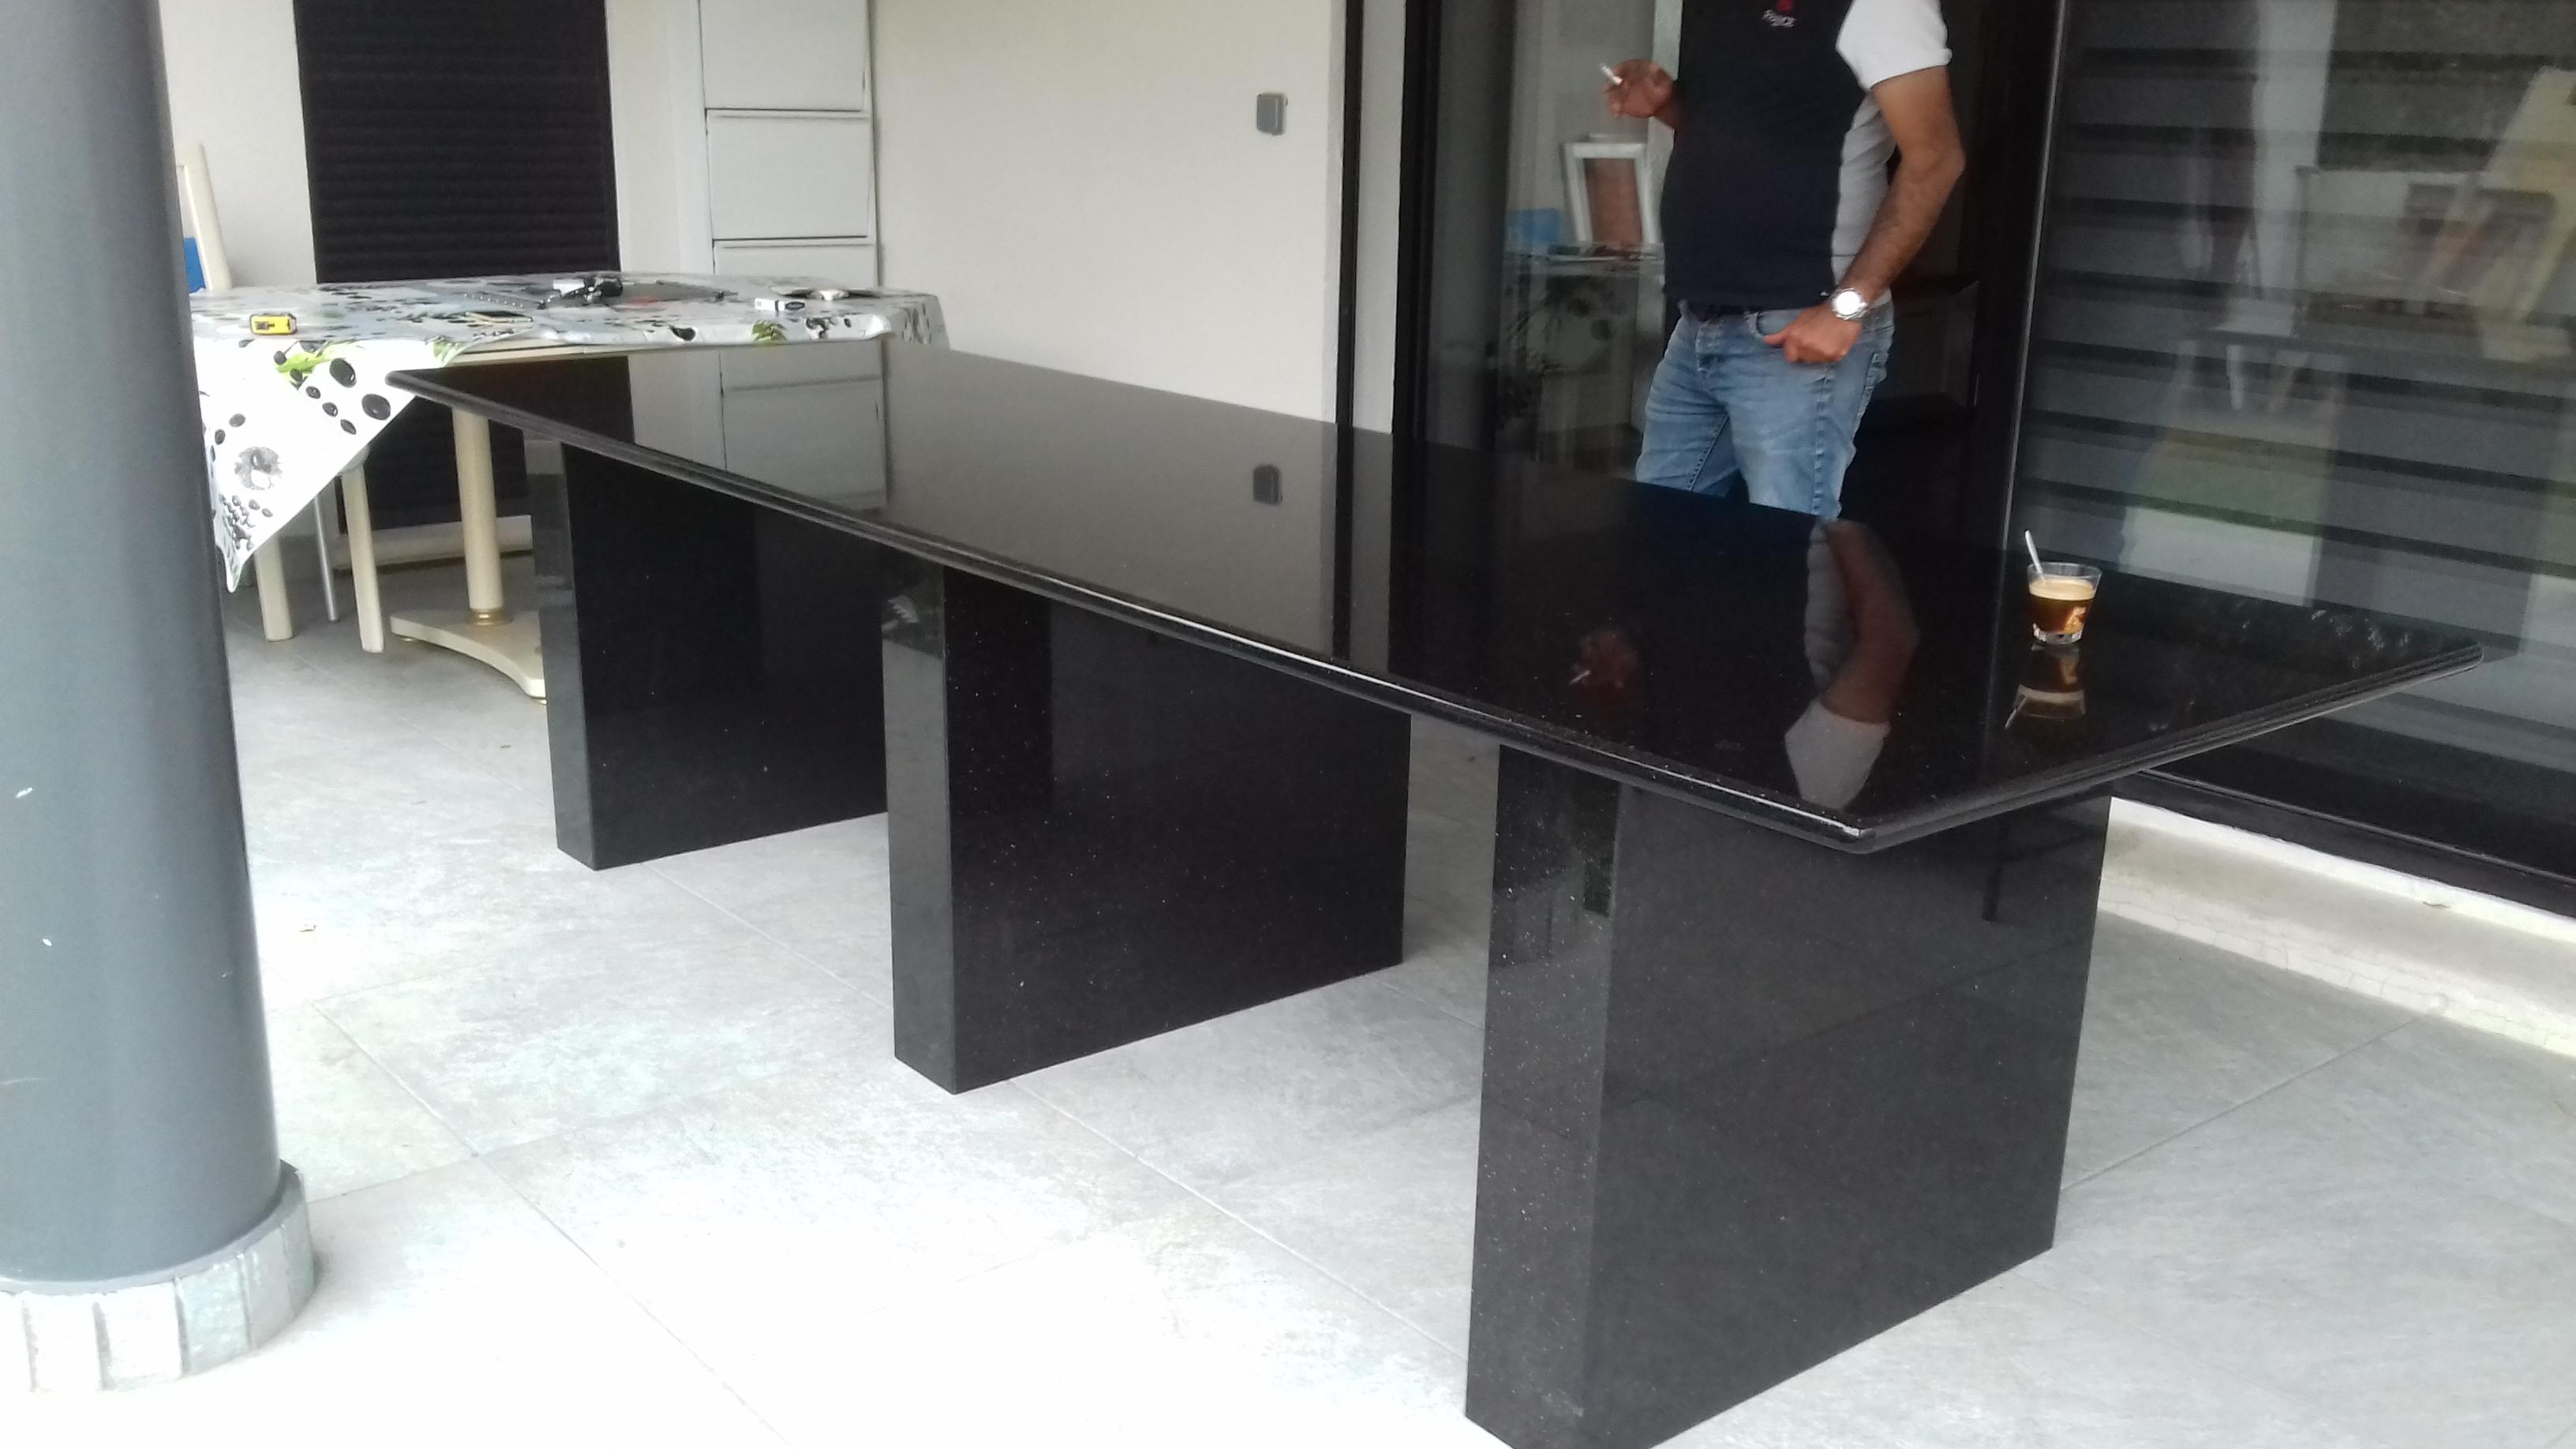 pied plan de travail cuisine poignes de meubles de cuisine bar plan de travail cuisine 5 ce. Black Bedroom Furniture Sets. Home Design Ideas